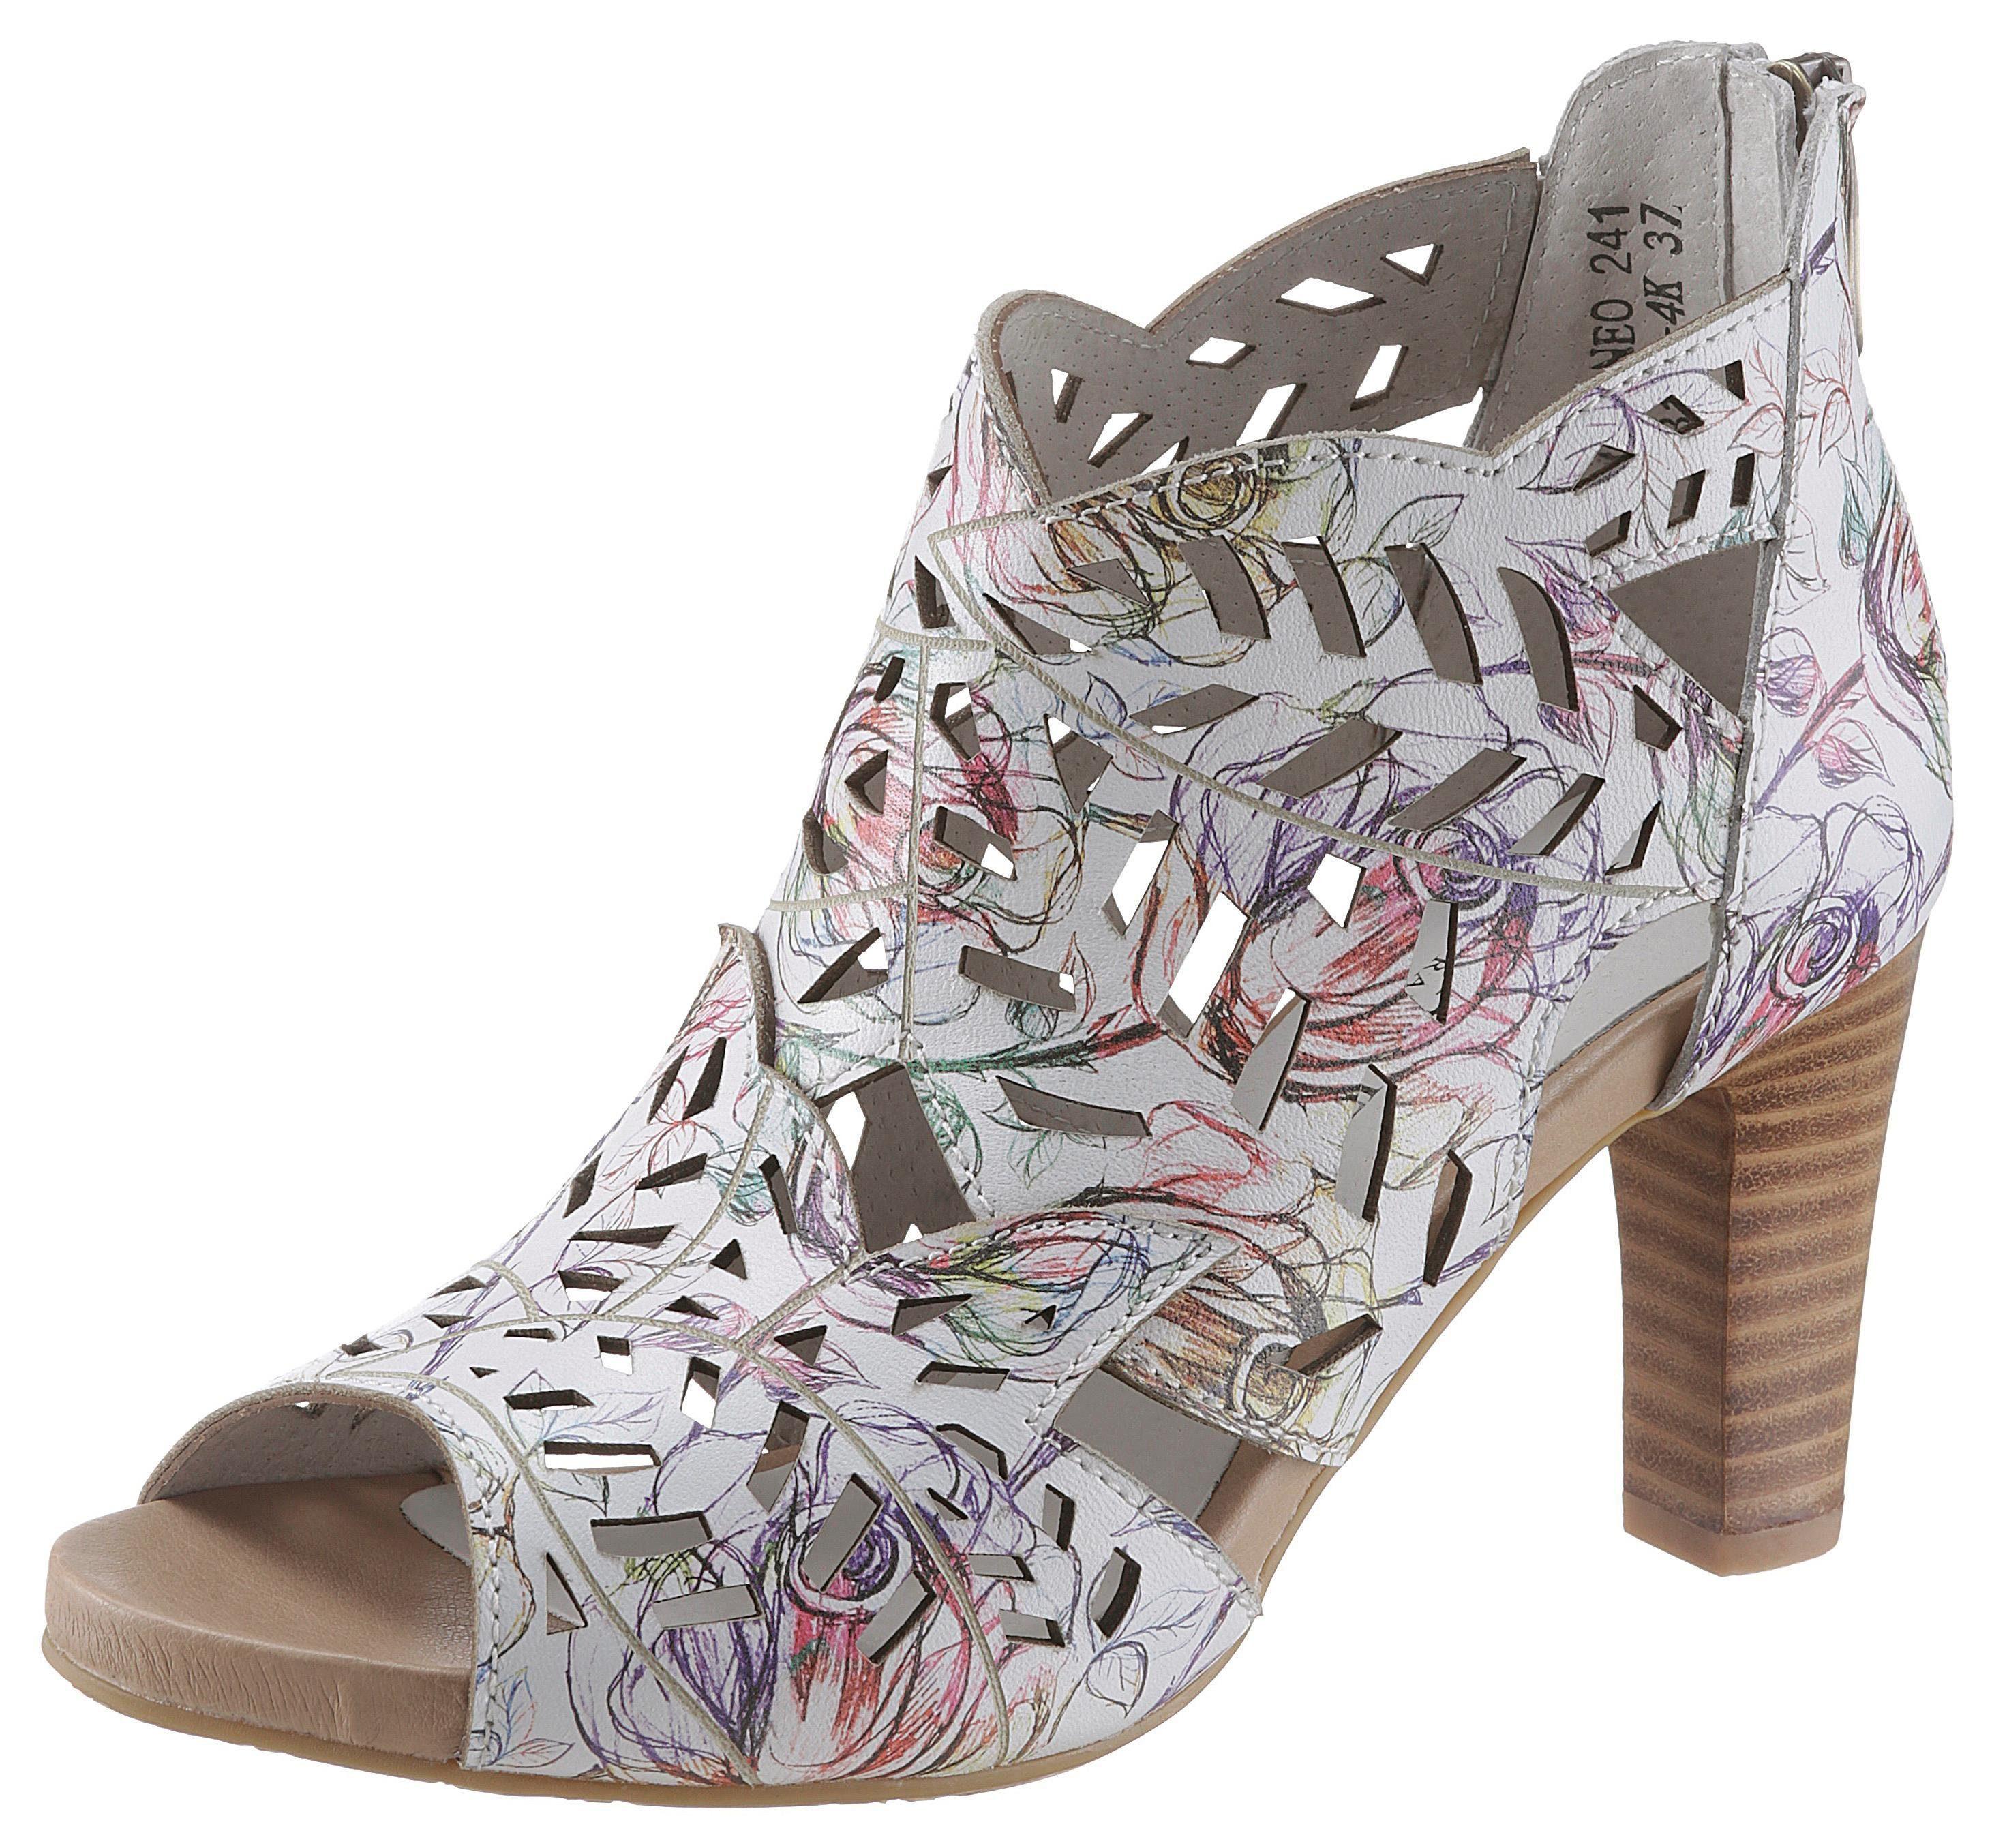 LAURA VITA »Alcbaneo« Sandalette mit zartem Blütenprint online kaufen   OTTO